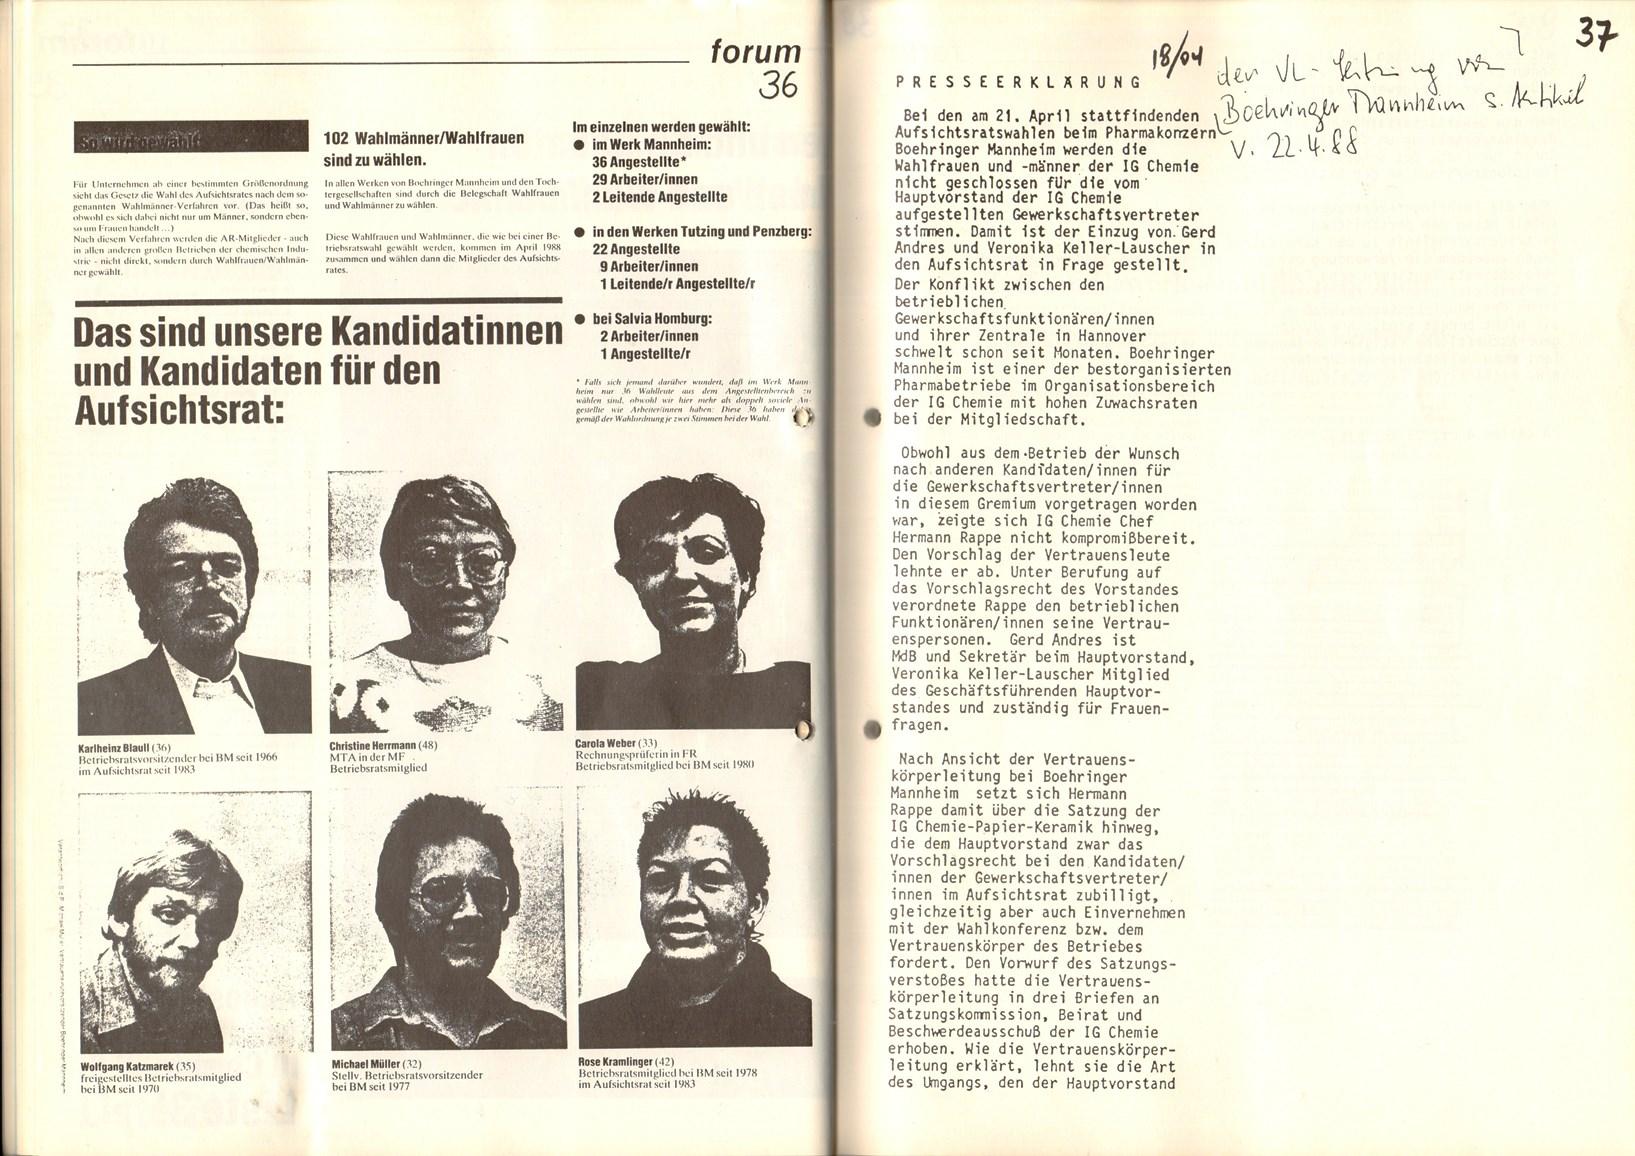 Mannheim_Boehringer_Ausschluss_VKL_Doku1_1988_39